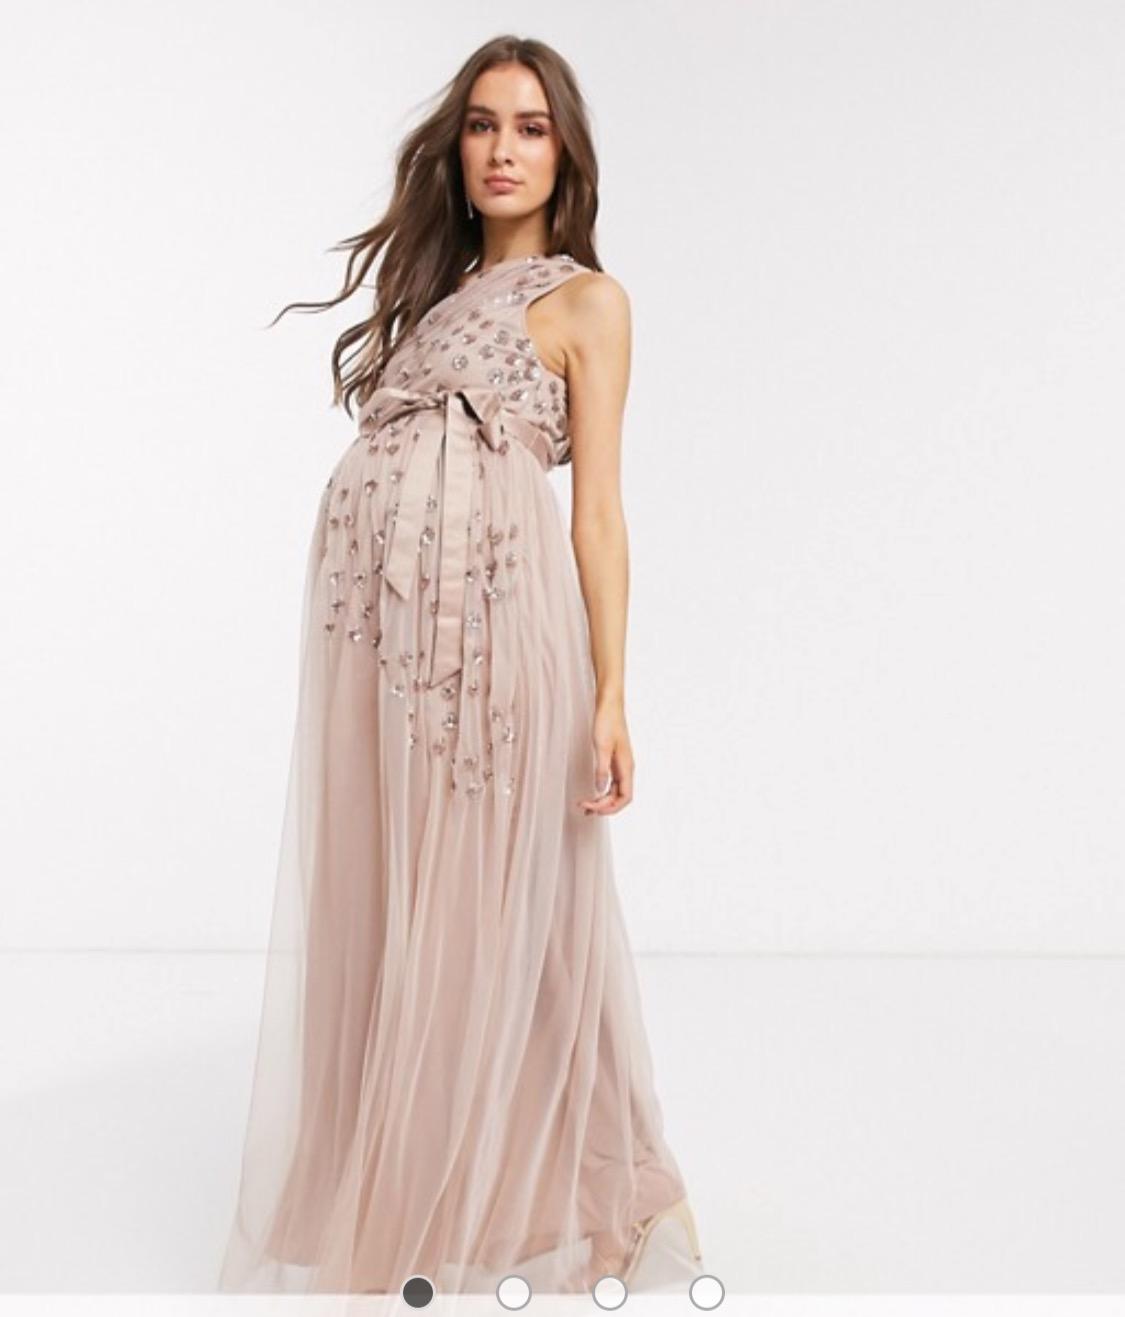 šaty Luisa sú vhodné aj ako tehotenské